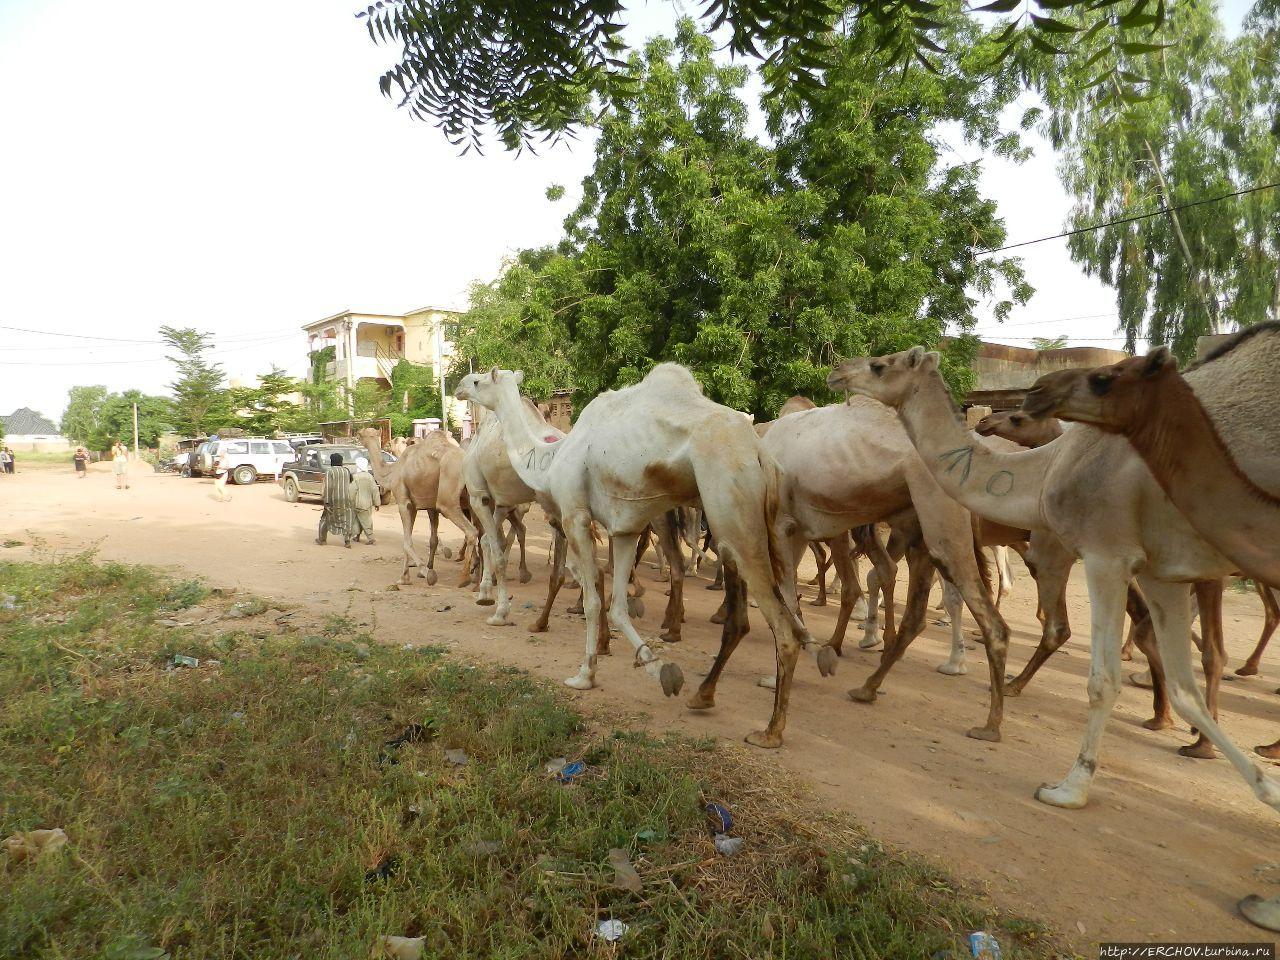 Нигер. Ч — 25. Скотоводческий рынок Зиндер, Нигер